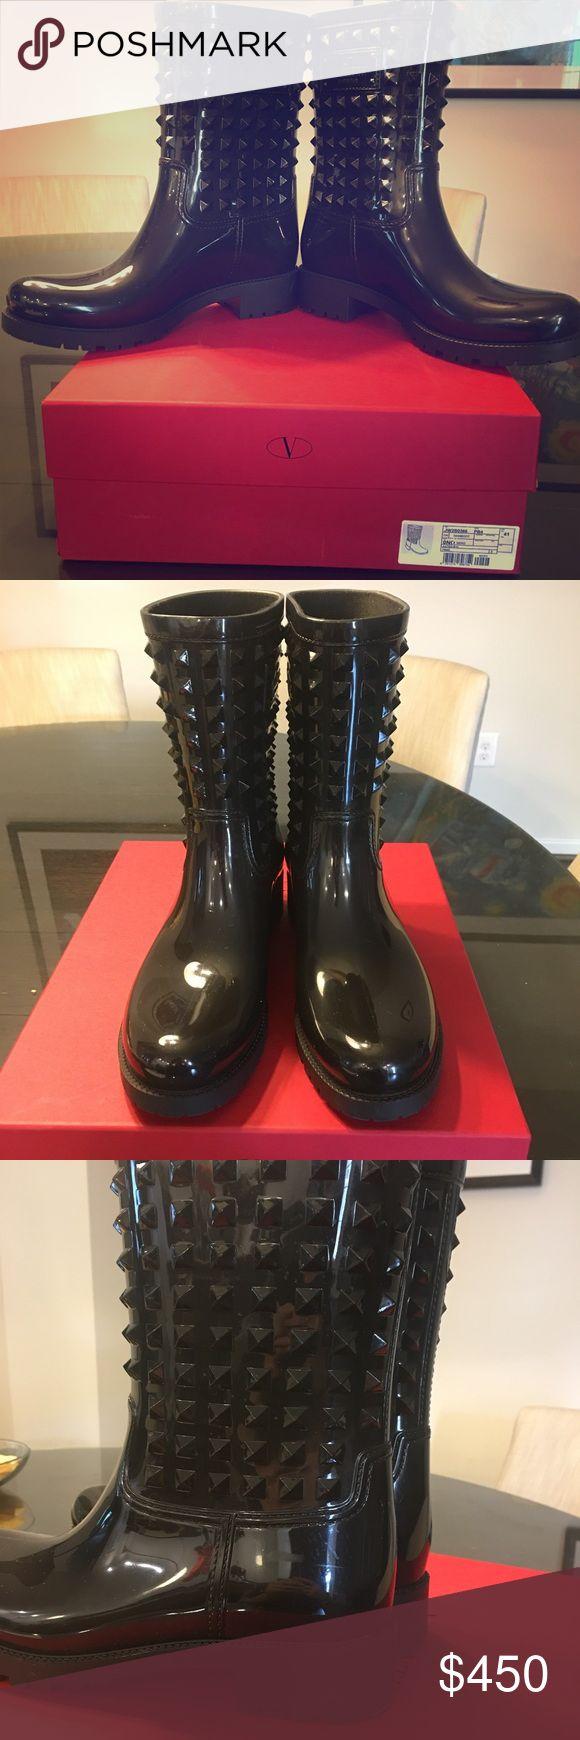 Valentino rain boots Pre owned valentino rain boots. Size 41. Has a few minor scuffs picture 3. Perfect for winter. Comes with orignal box and also dustbag Valentino Shoes Winter & Rain Boots